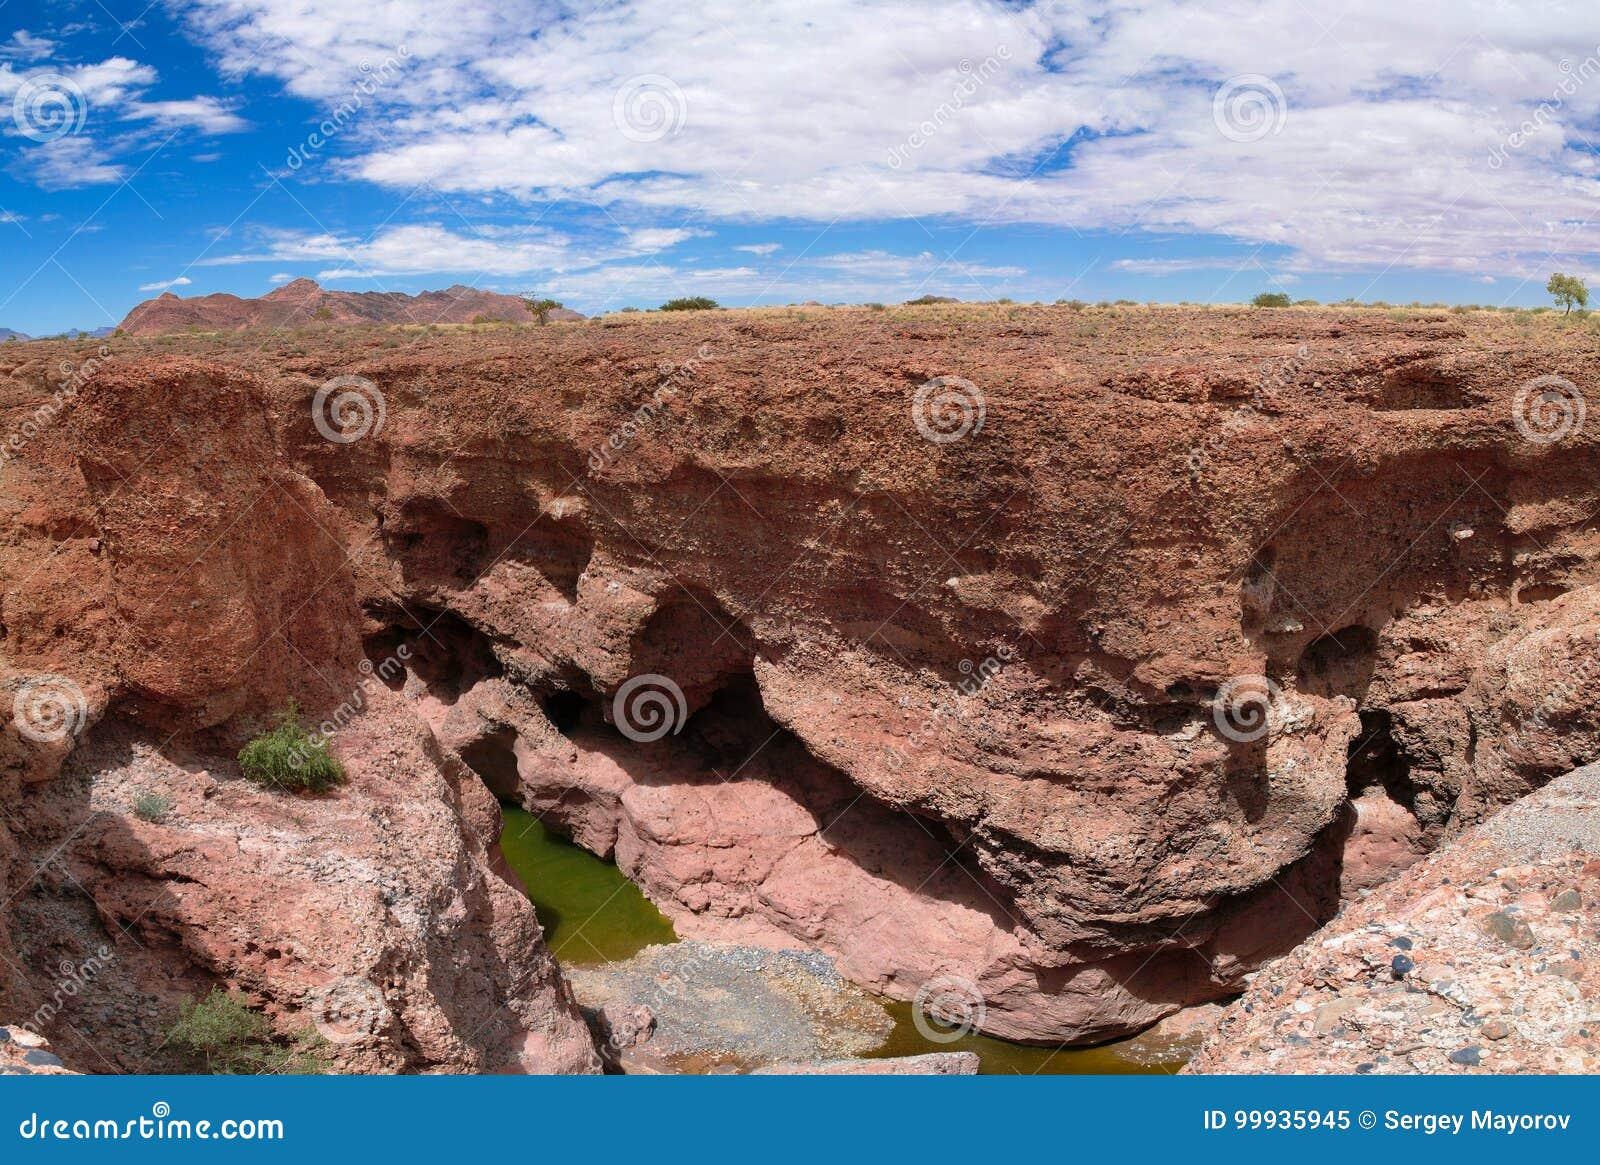 Garganta de Sesriem do rio de Tsauchab, Sossusvley, Namíbia